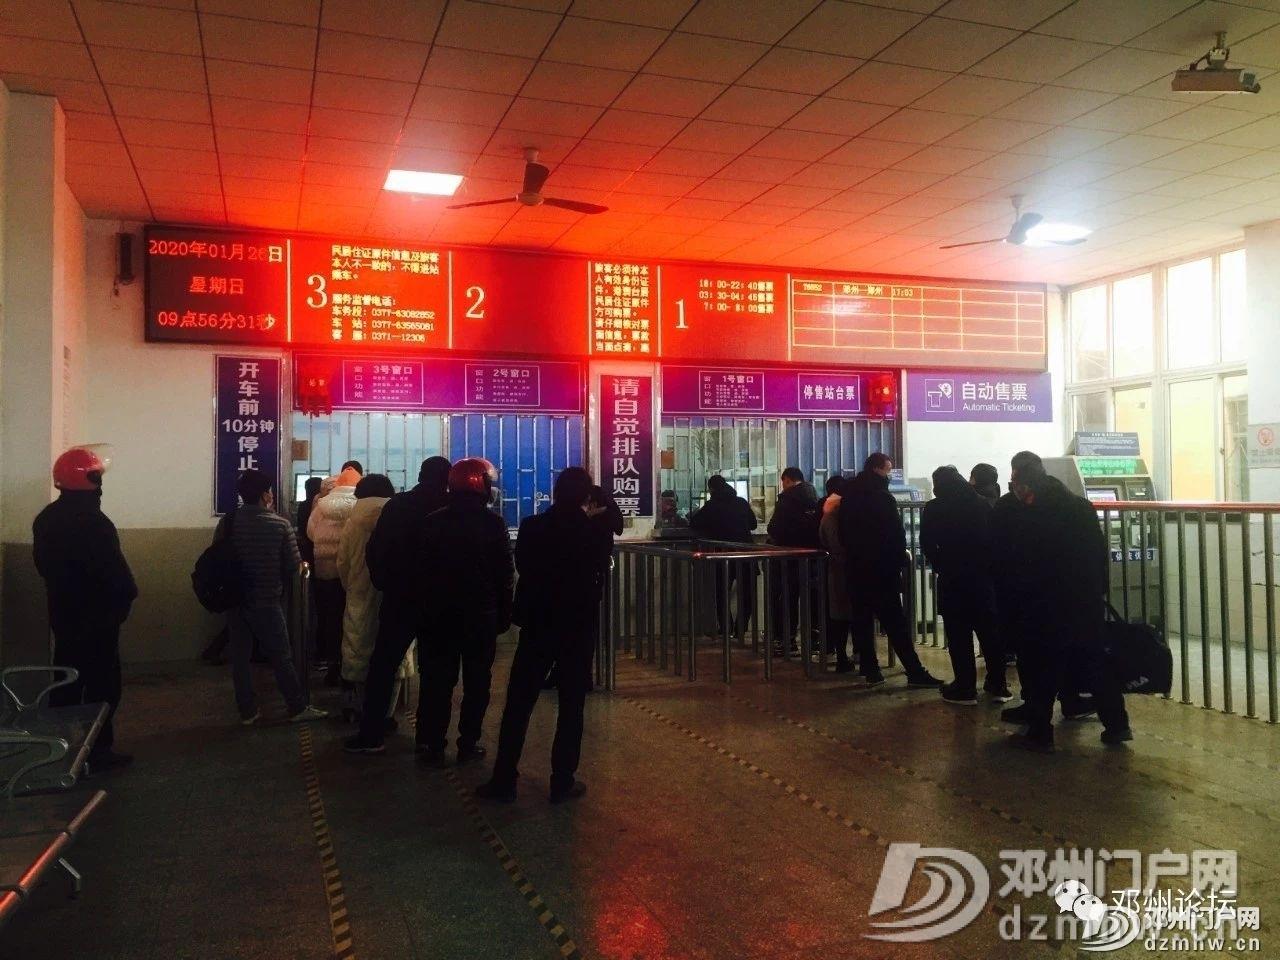 邓州火车站还能正常运行吗?这里有最新消息... - 邓州门户网|邓州网 - 489a099be99774c2ea22497487e9c870.jpg